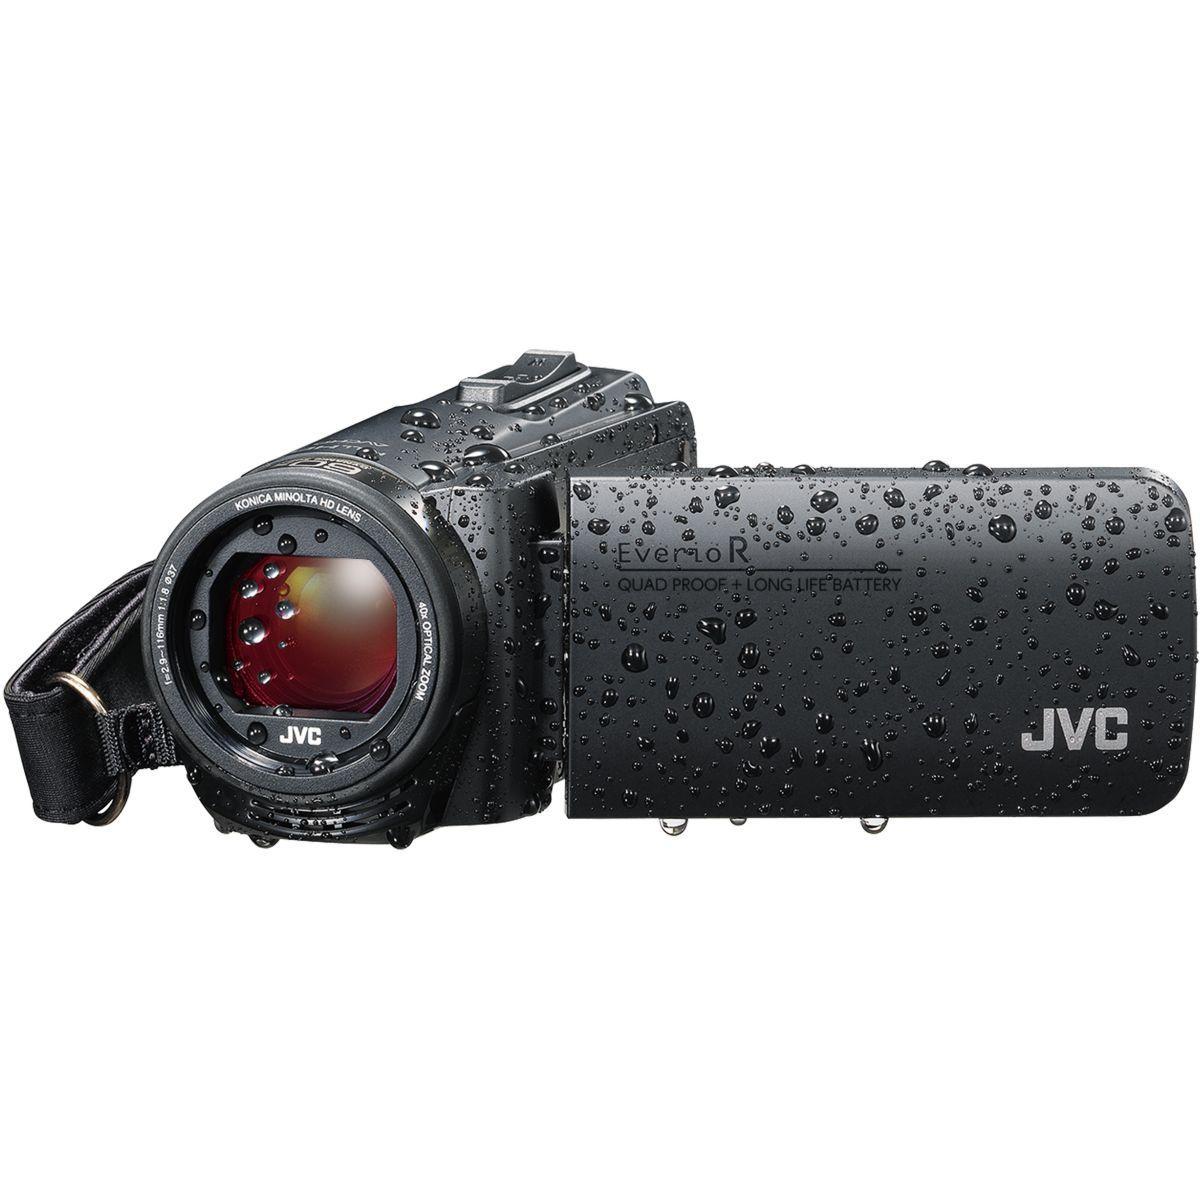 Cam?scope jvc gz-r495 noir + sd 16go - 10% de remise imm?diate...